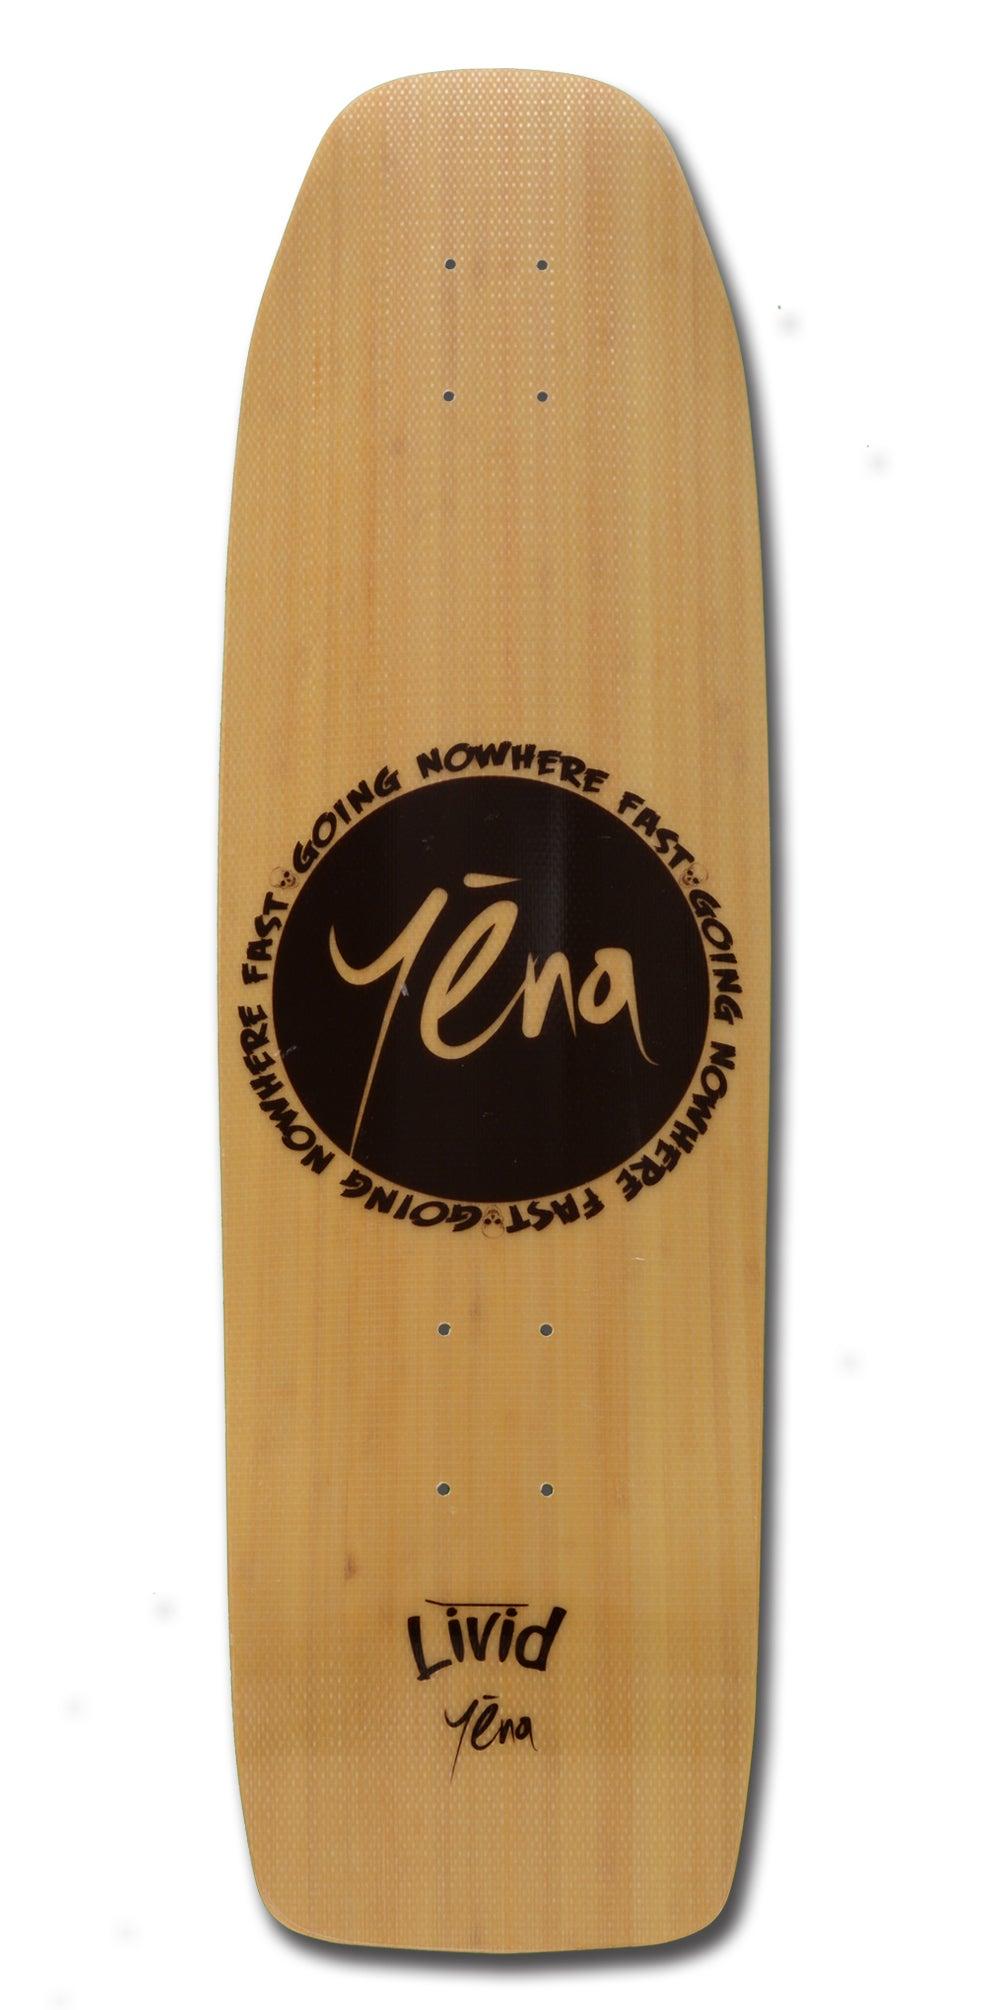 Image of YENA